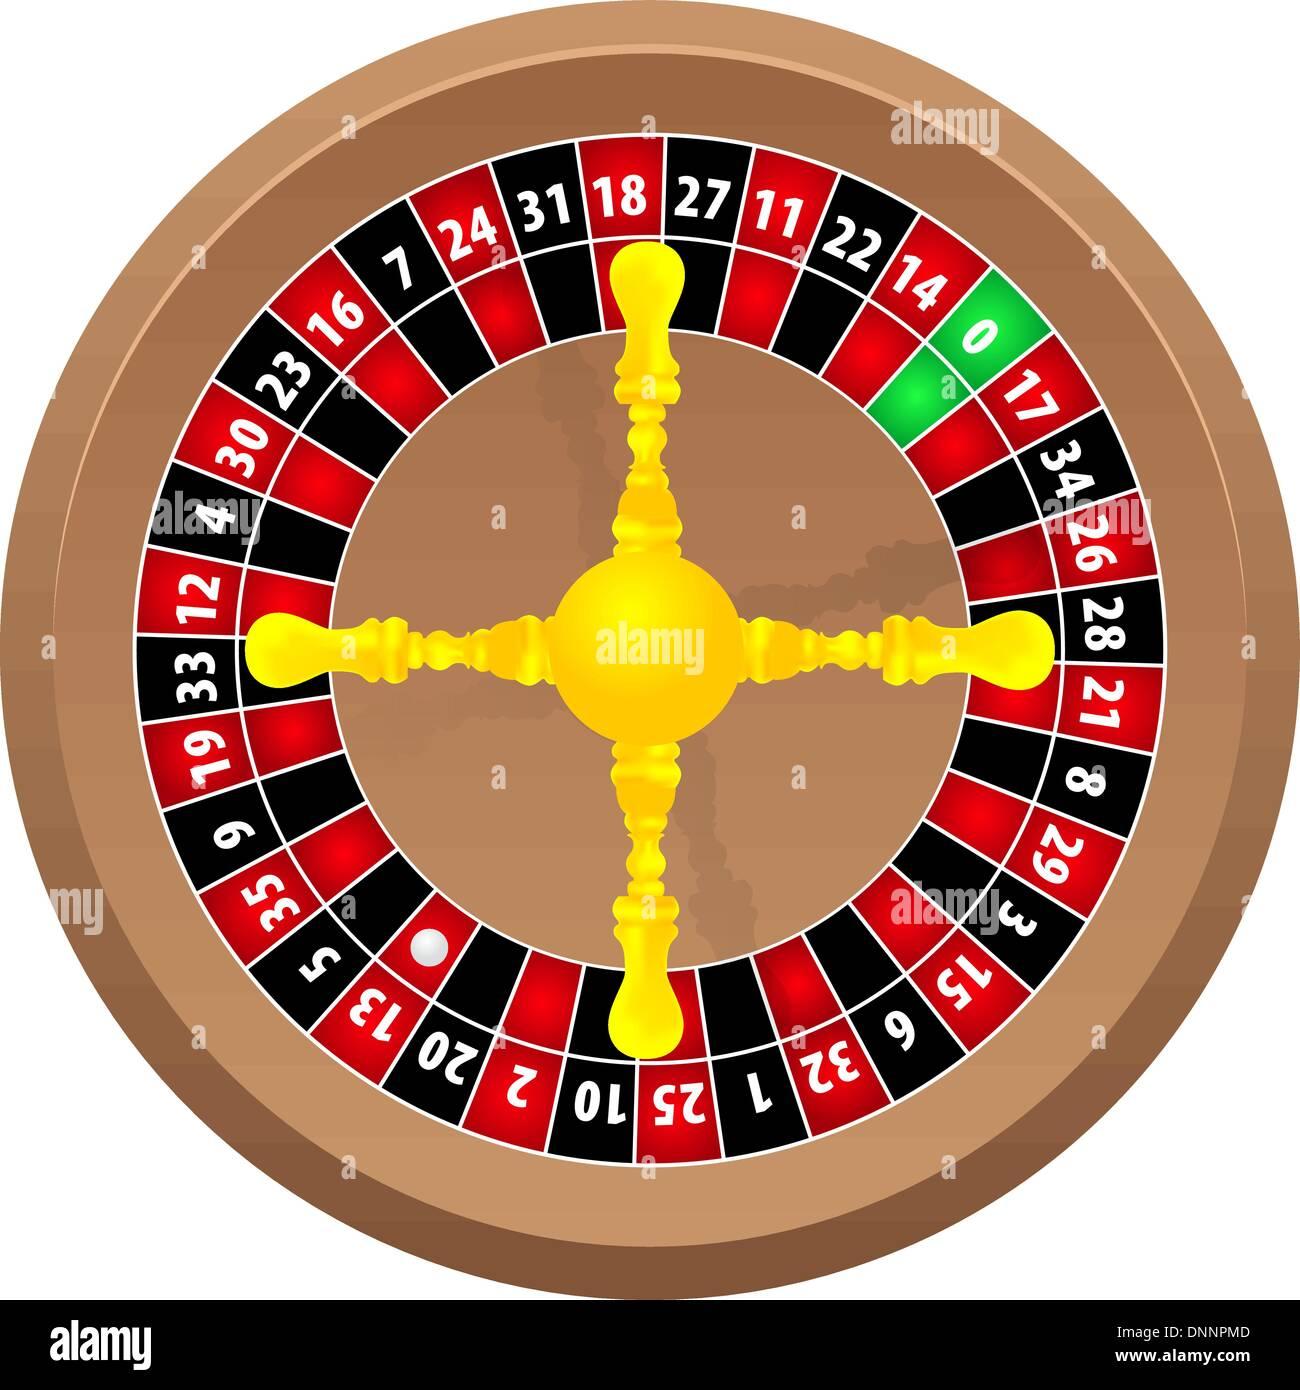 Roulette online Casino auf weißem Hintergrund, Vektor Stockbild